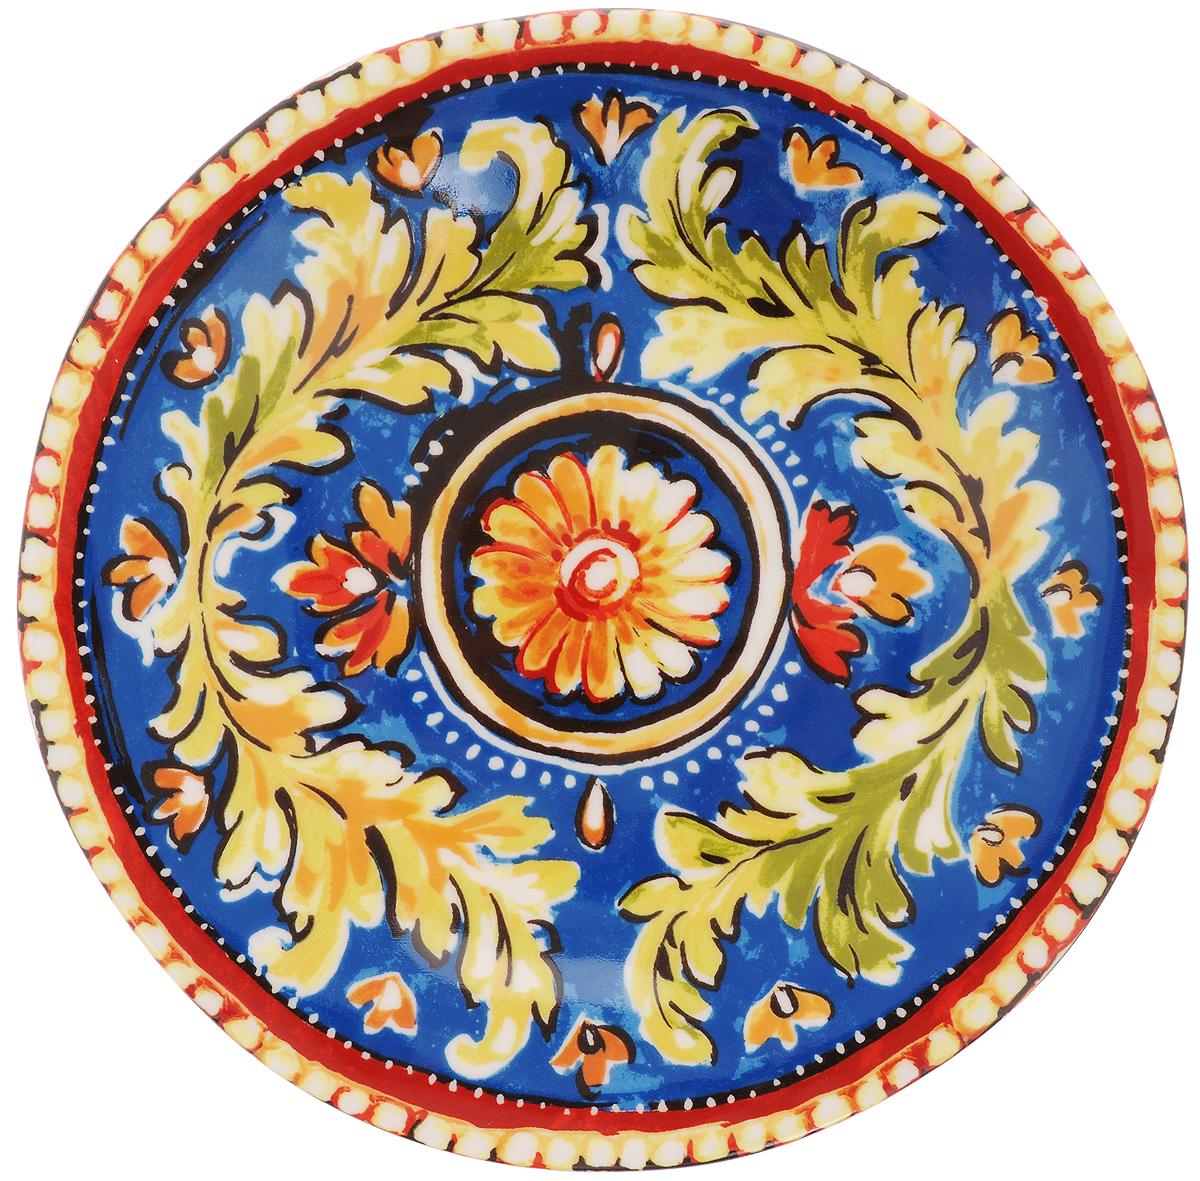 Тарелка десертная Utana Оберон, диаметр 23 смUTOB41810Десертная тарелка Utana Оберон изготовлена из высококачественной керамики. Многоступенчатый высокотемпературный обжиг, двухстороннее глазурование и использование подглазурных деколей обеспечивает прочность черепка керамической посуды, превращая его практически в камень, при этом защищая поверхность от царапин, а рисунок от истирания. Теплые краски глазури, плавные линии росписи, удобство, долговечность и безопасность, европейское качество и многовековая самобытность национального и культурного наследия индонезийских мастеров - вот то, что является отличительными признаками керамической посуды Utana. Любая коллекция этого производителя создает праздничное настроение и уют в каждом доме. Посуда из керамики, имеющая знак 222 FIFHT, - особая линия посуды, очень популярная в Европе и США, каждый дизайн которой уникален и спустя годы будет так же великолепно свеж и привлекателен. Посуду можно использовать в СВЧ и мыть в посудомоечных машинах.